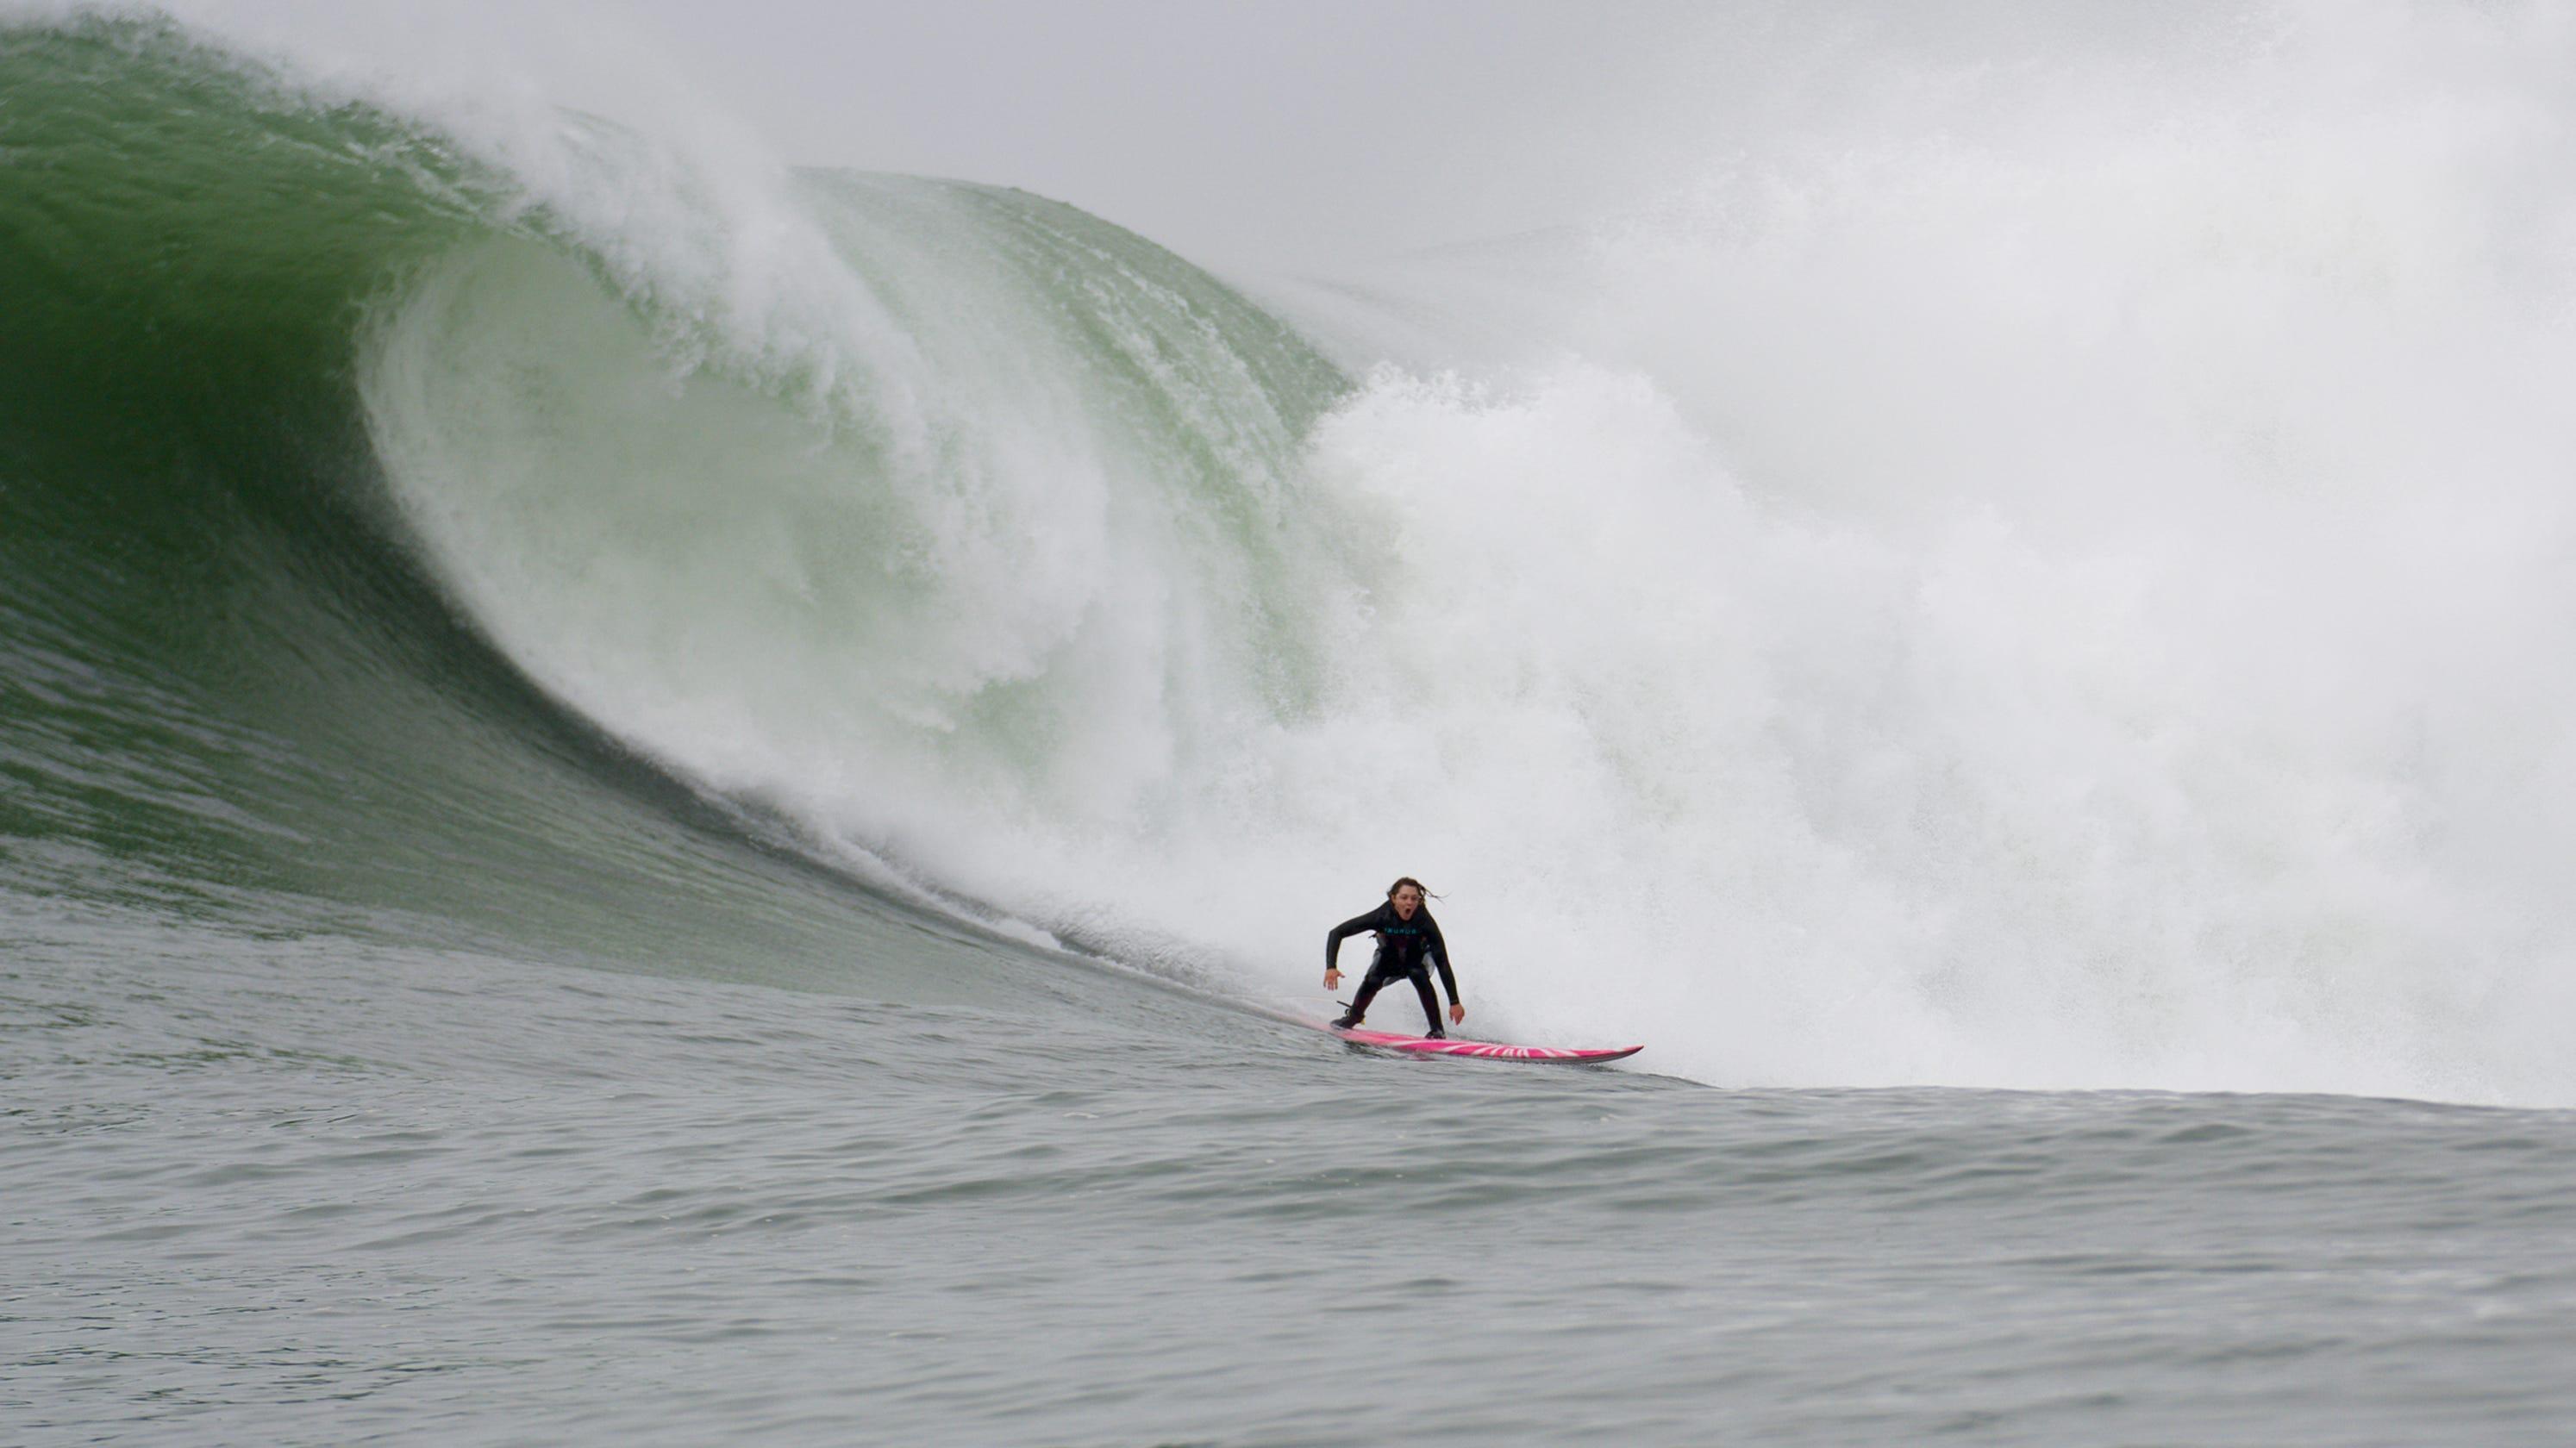 6b3fe474dd179 Women surfers win equal pay battle while risking death alongside men